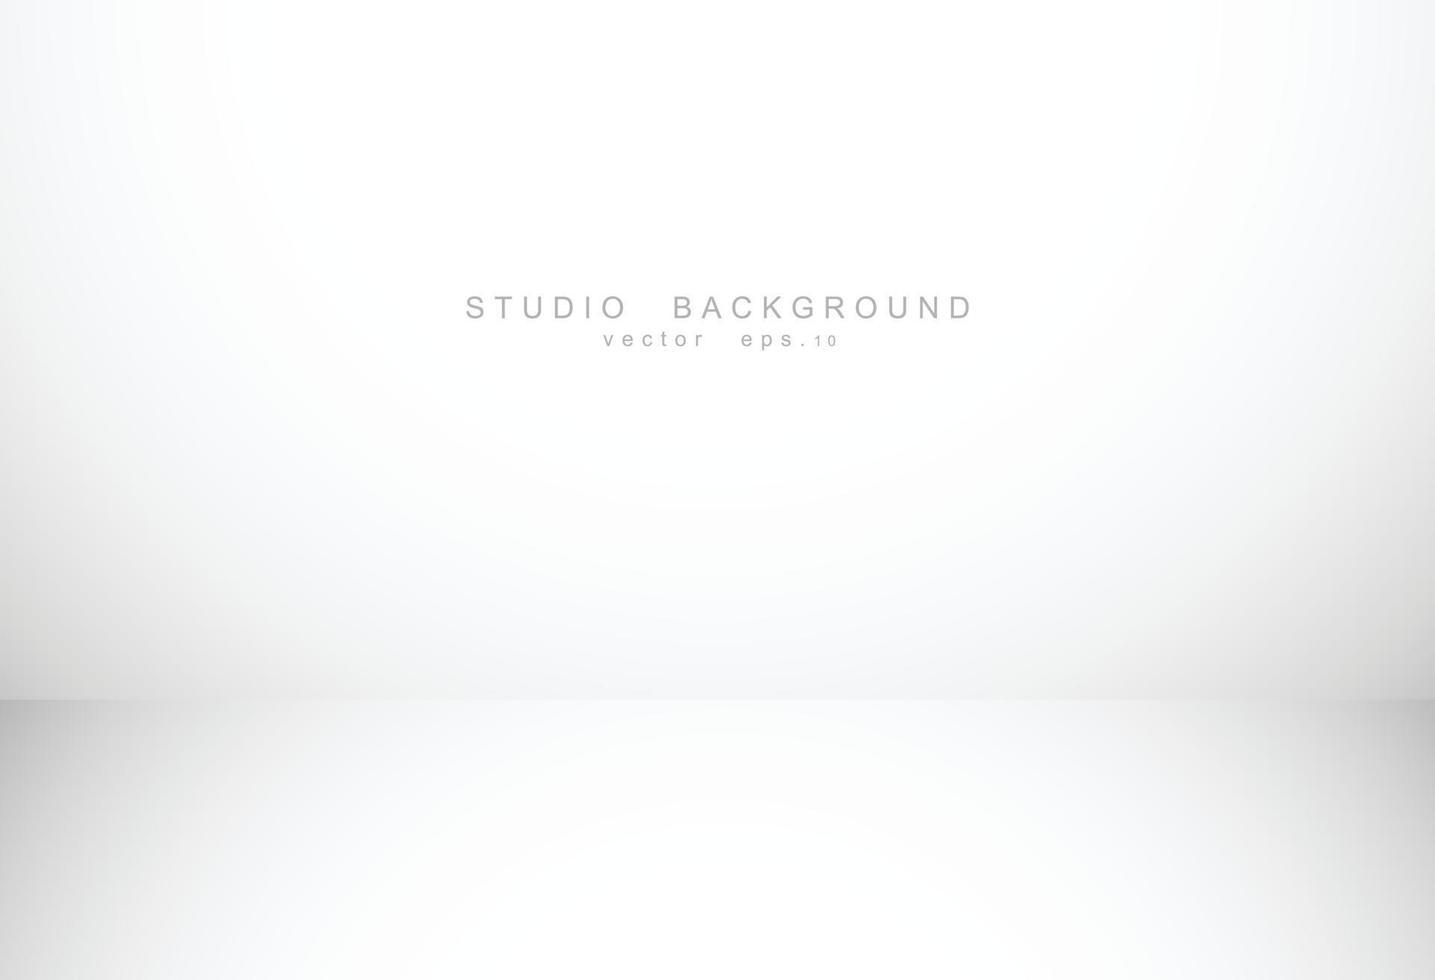 abstrakt lyxig tom pastellbrun lutning med kantbrun vinjett, studiobakgrundsvisning av produkt, affärsbakgrund. vektor illustration.